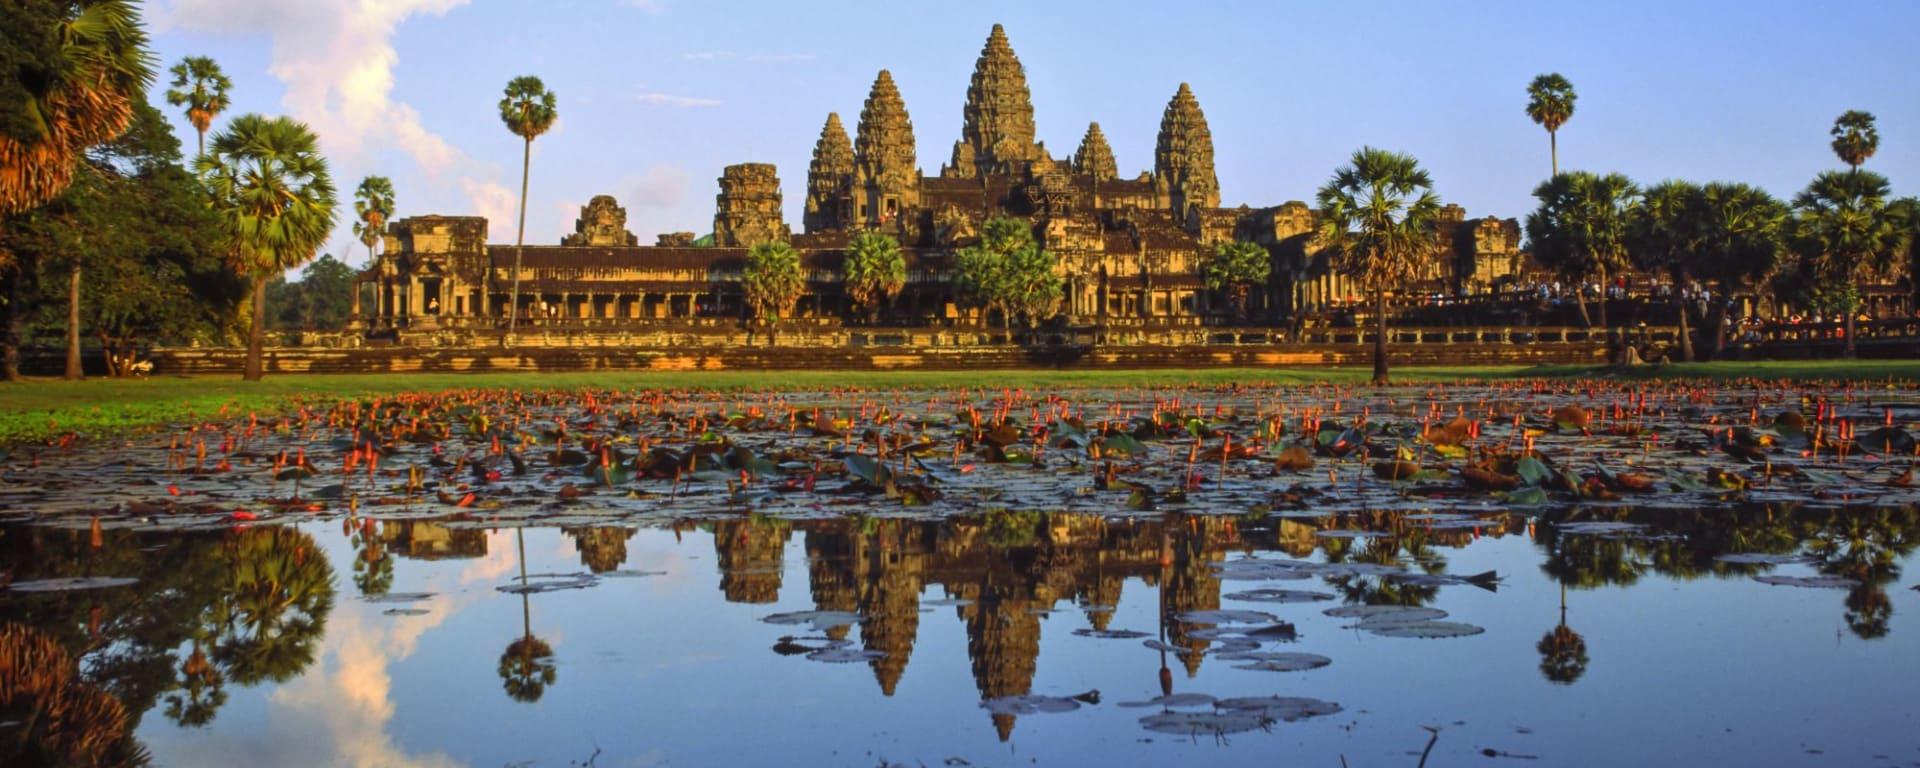 Von Angkor nach Phu Quoc ab Siem Reap: Siem Reap Angkor Wat